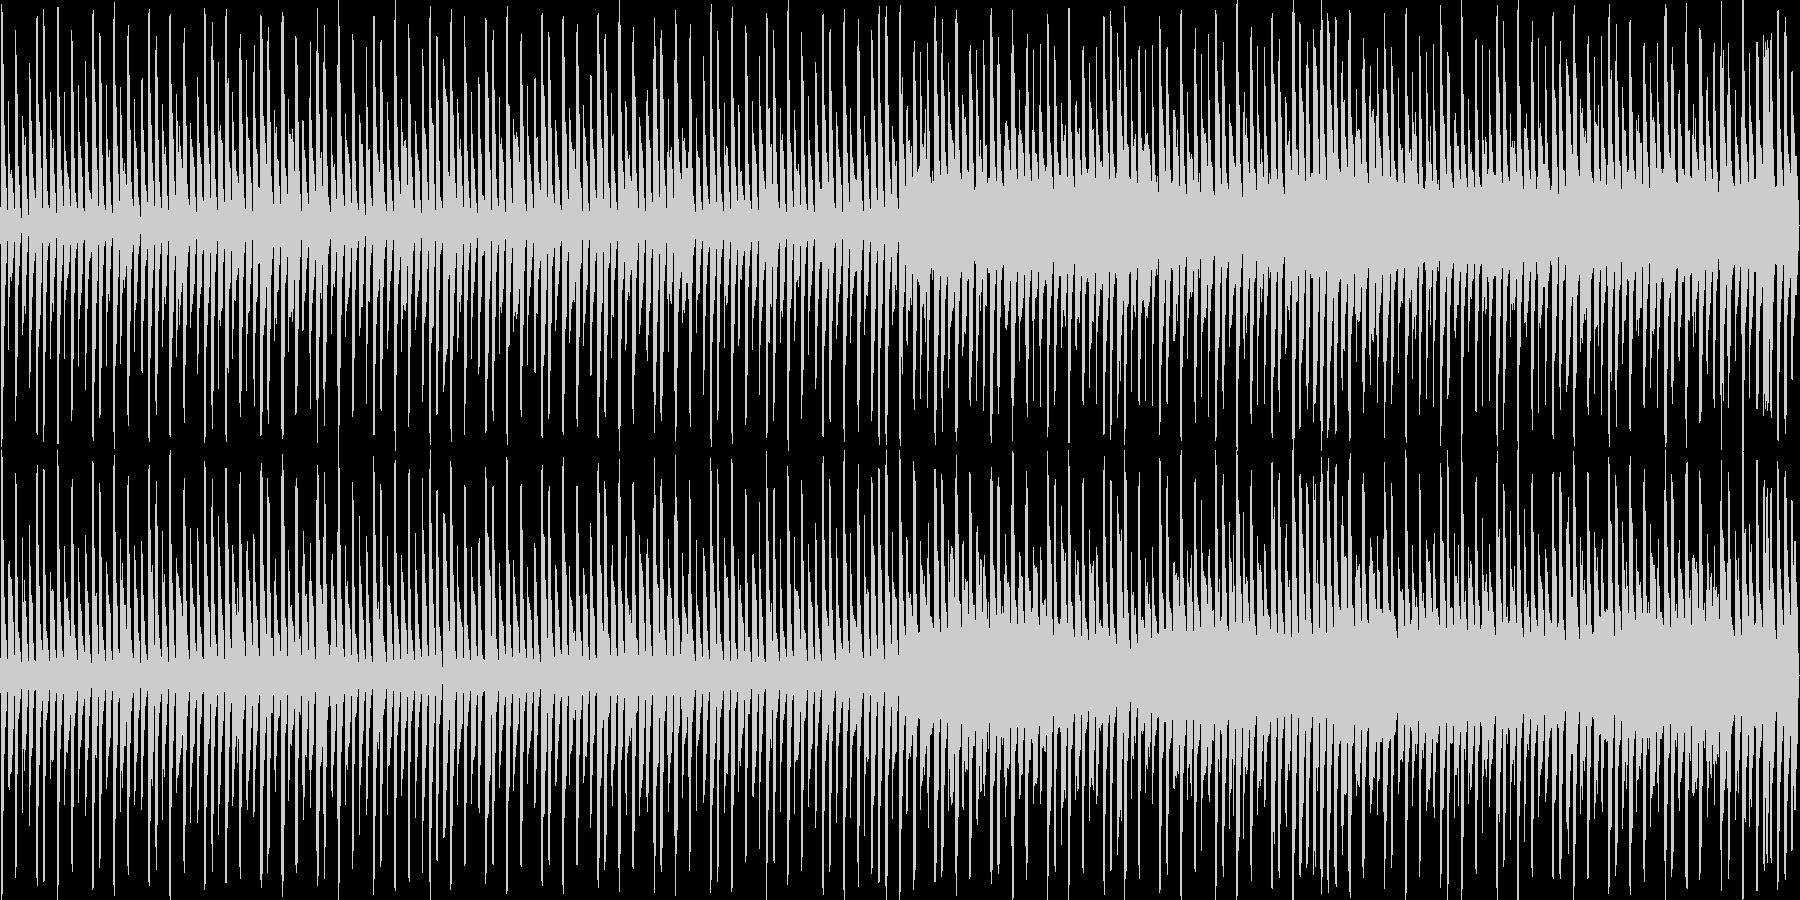 ゲーム音楽に最適な楽曲の未再生の波形